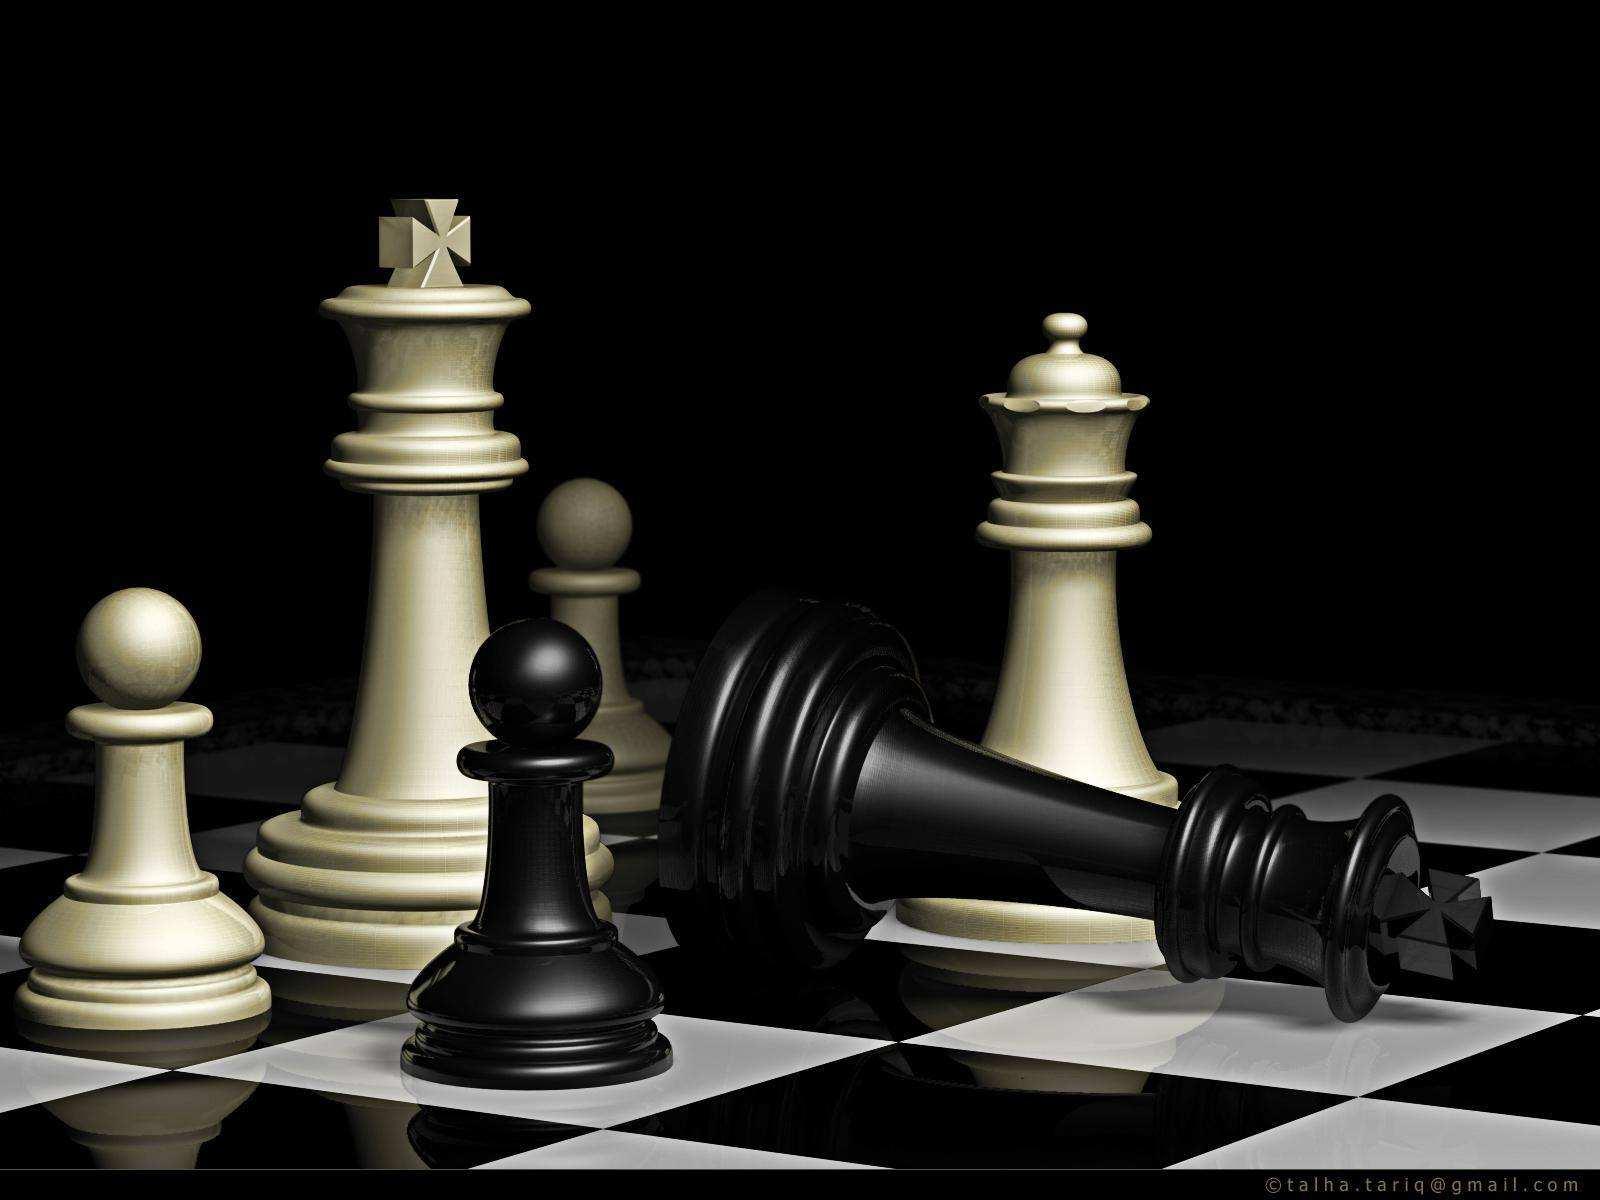 Wie wäre es mit einer schönen Partie Schach? Schachmatt!